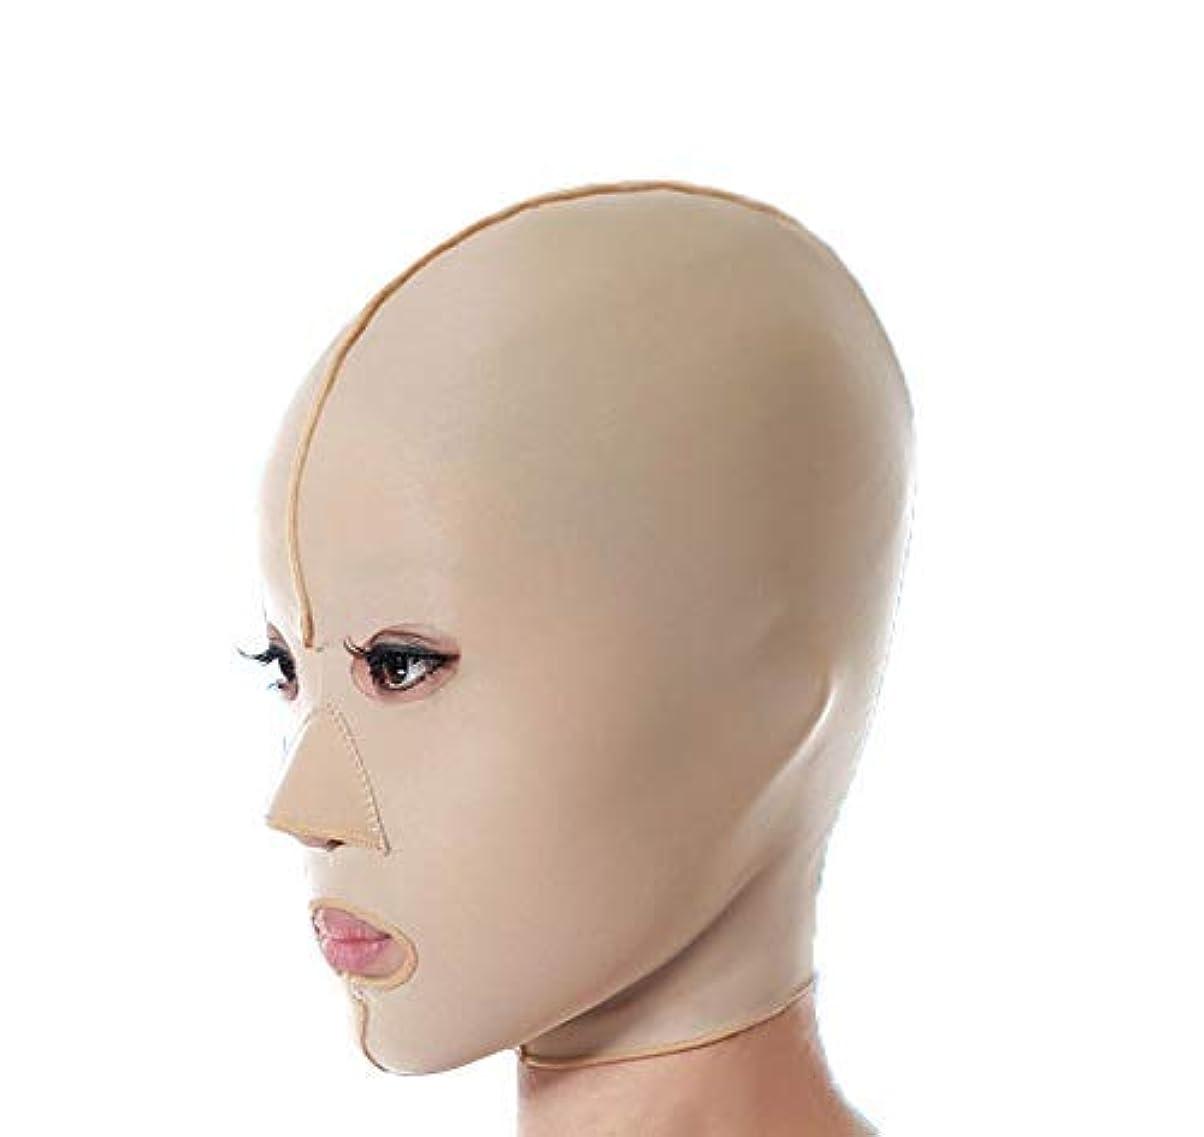 好みはぁコンパクトファーミングフェイスマスク、フェイシャルマスク医学強力なフェイスマスクアーティファクト美容垂れ防止法パターンフェイシャルリフティングファーミングフルフェイスマスク(サイズ:M),S